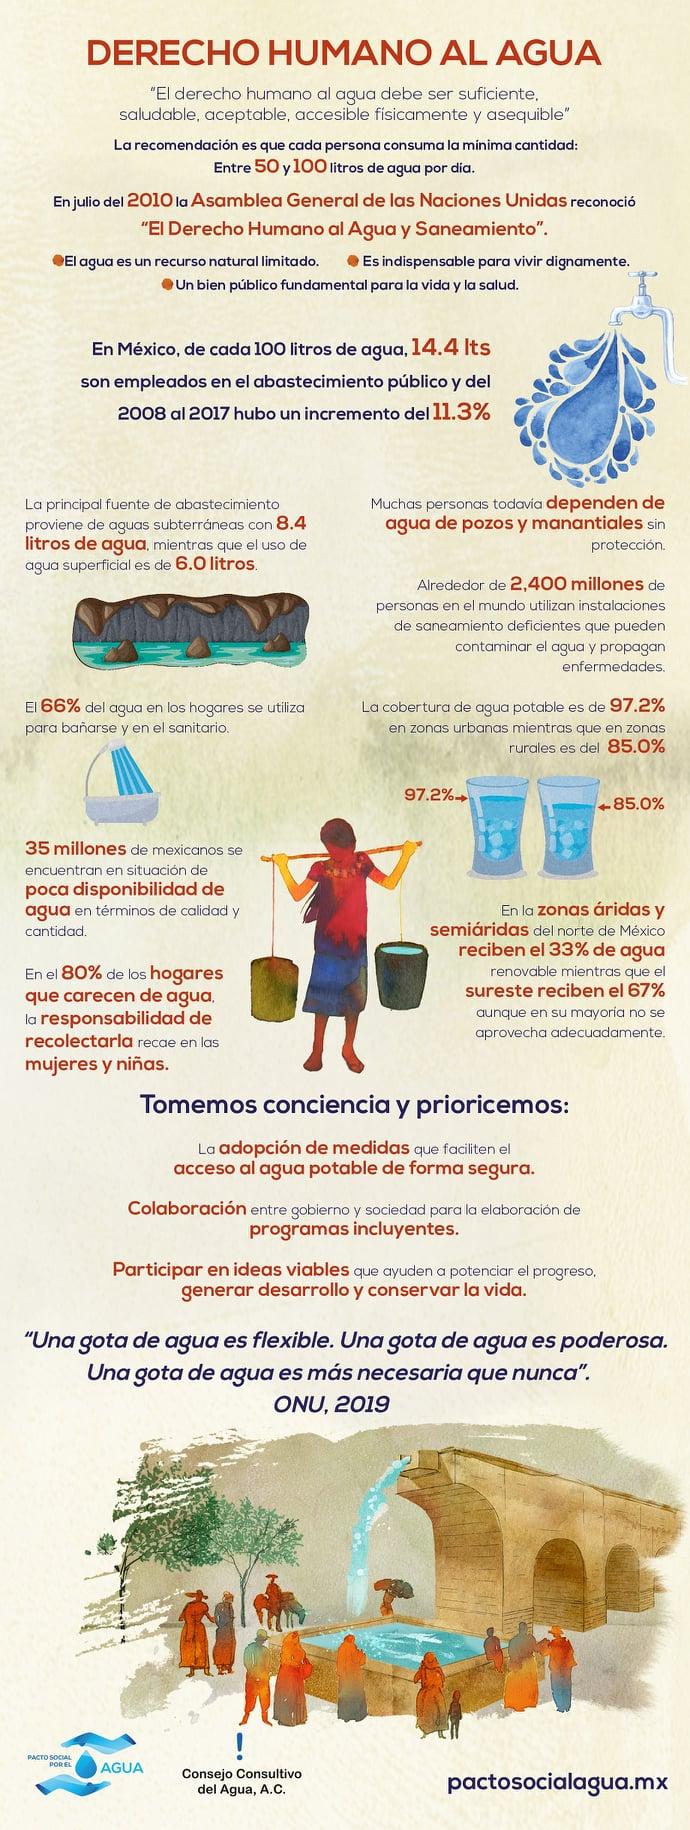 Derecho Humano al Agua (Infografía)